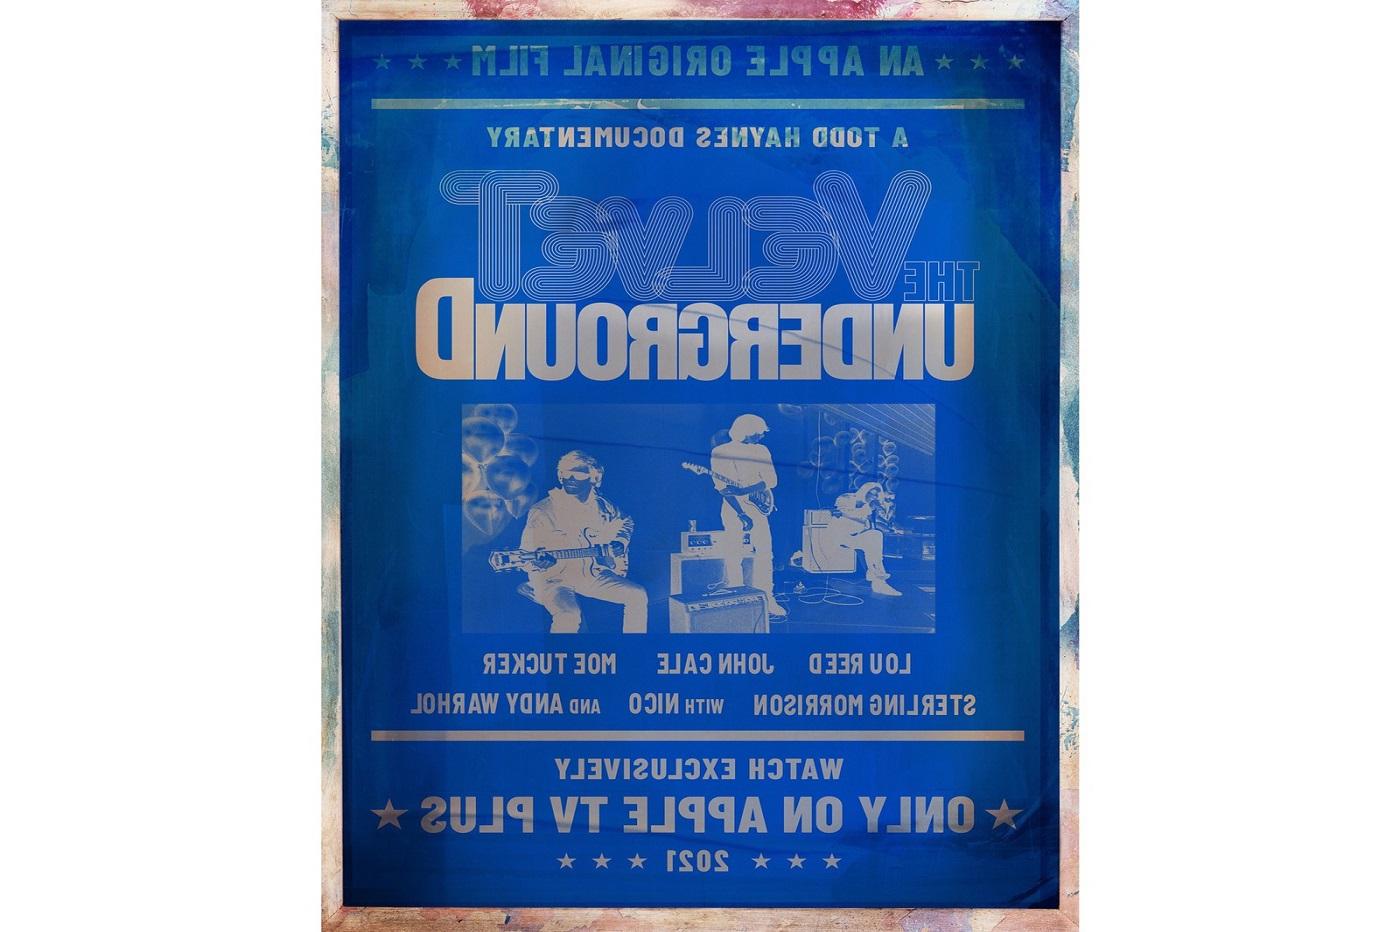 The Velvet Underground: Apple TV+ rachète les droits d'un nouveau documentaire